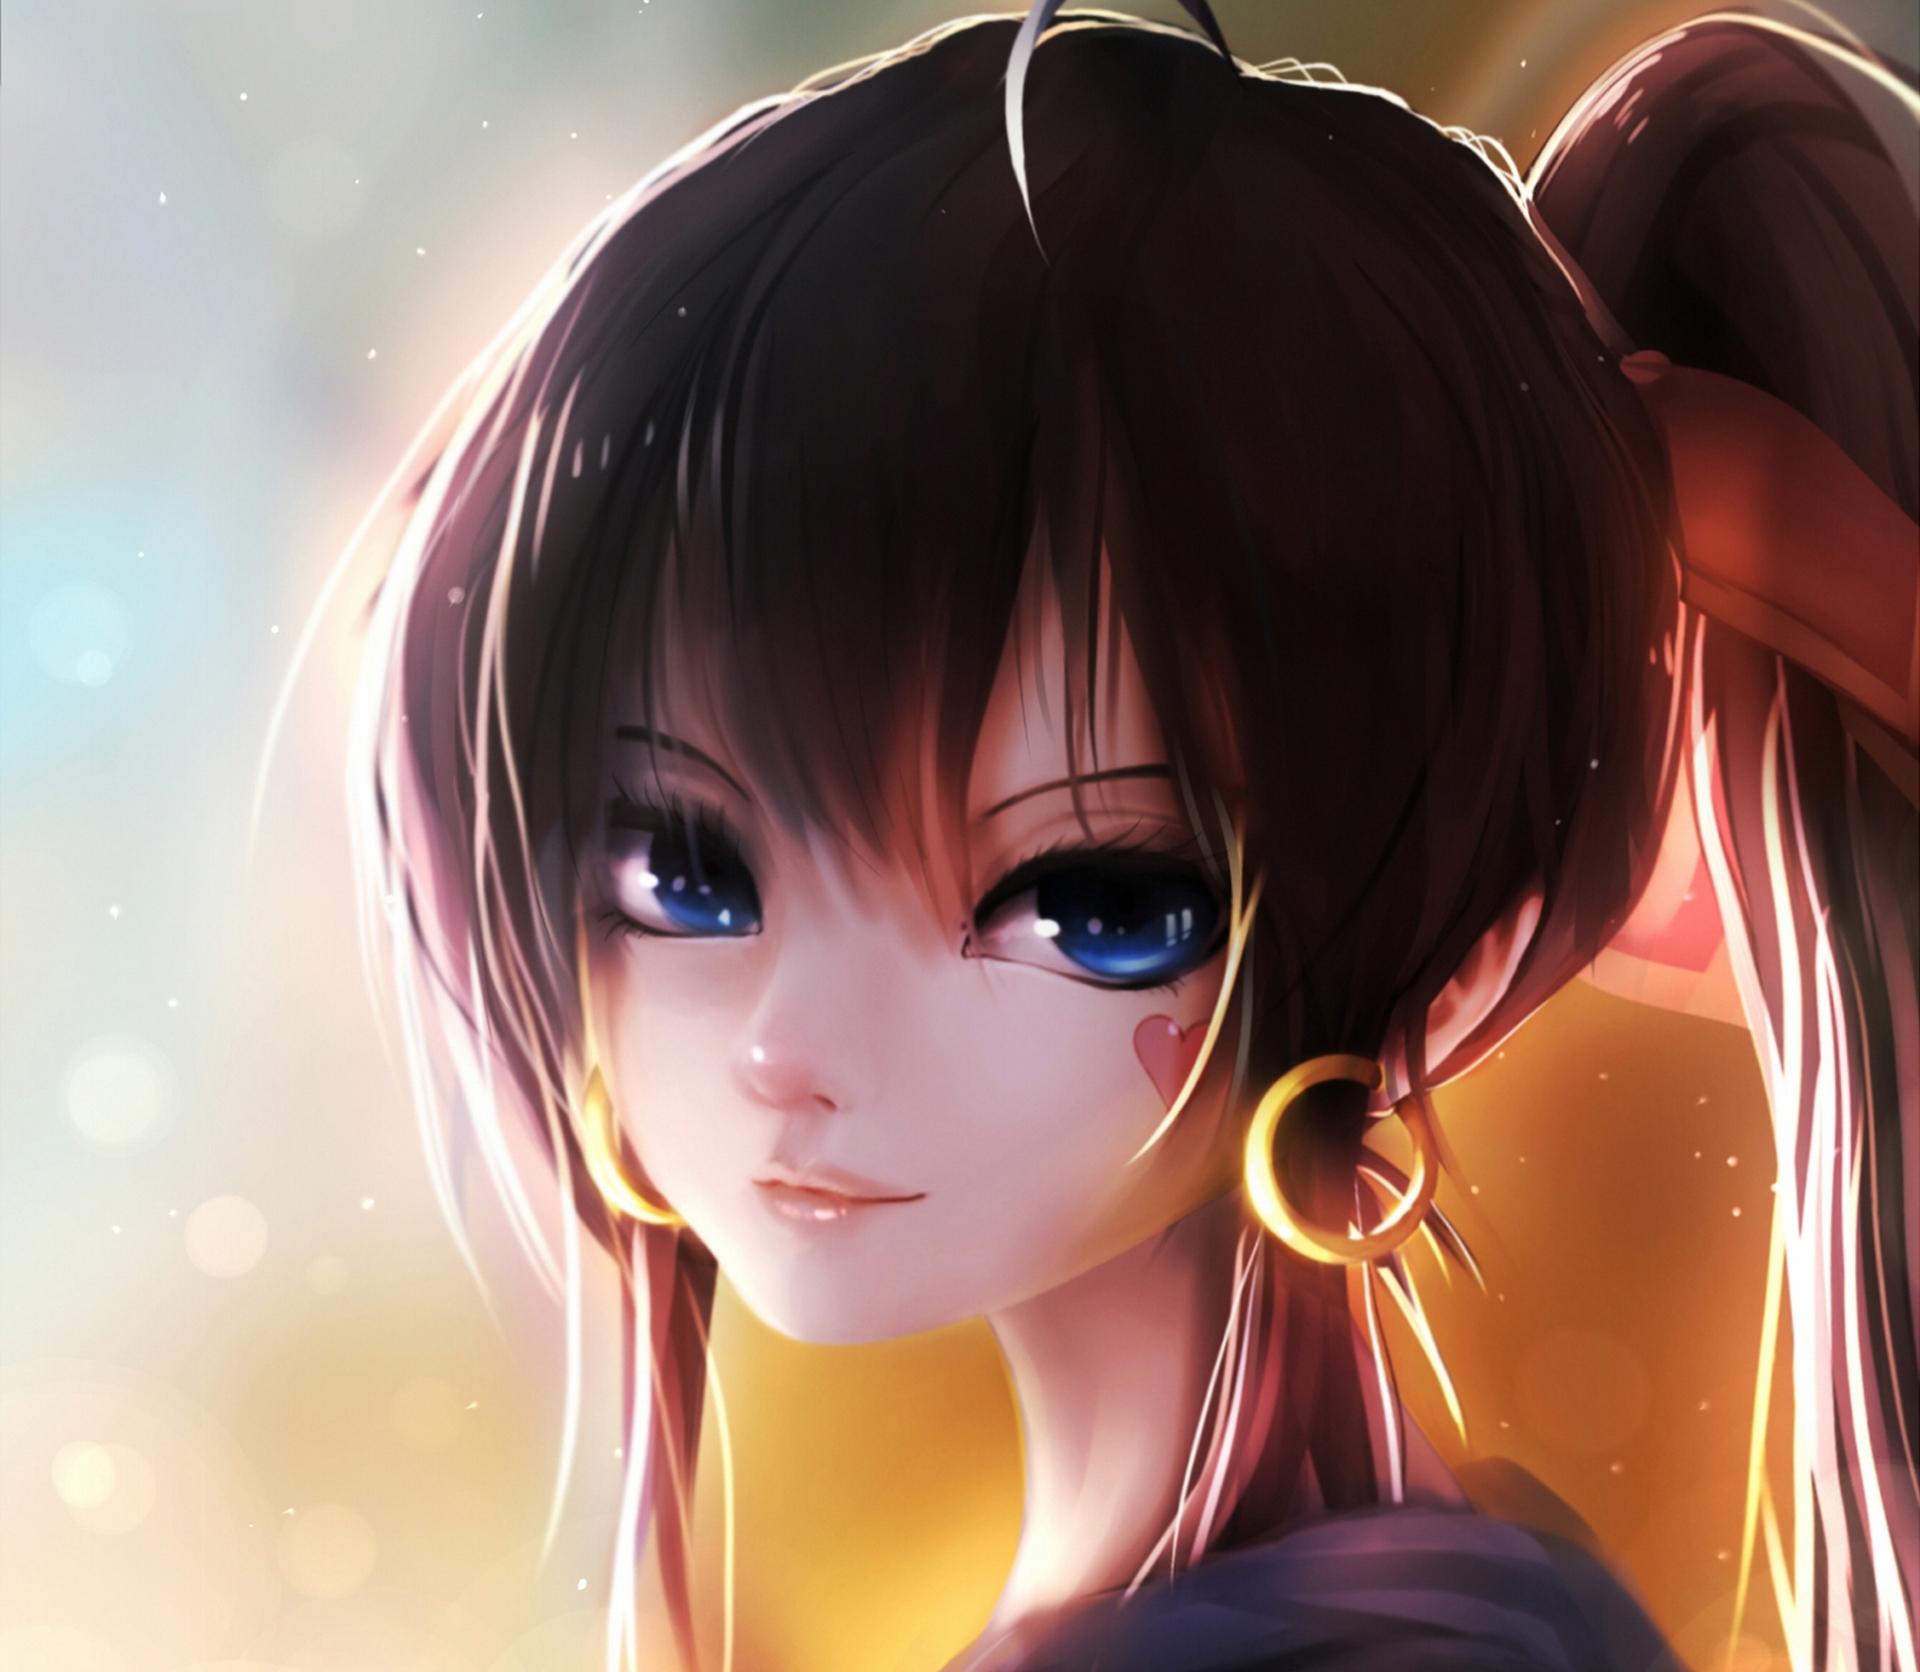 Аниме очень красивые девочки